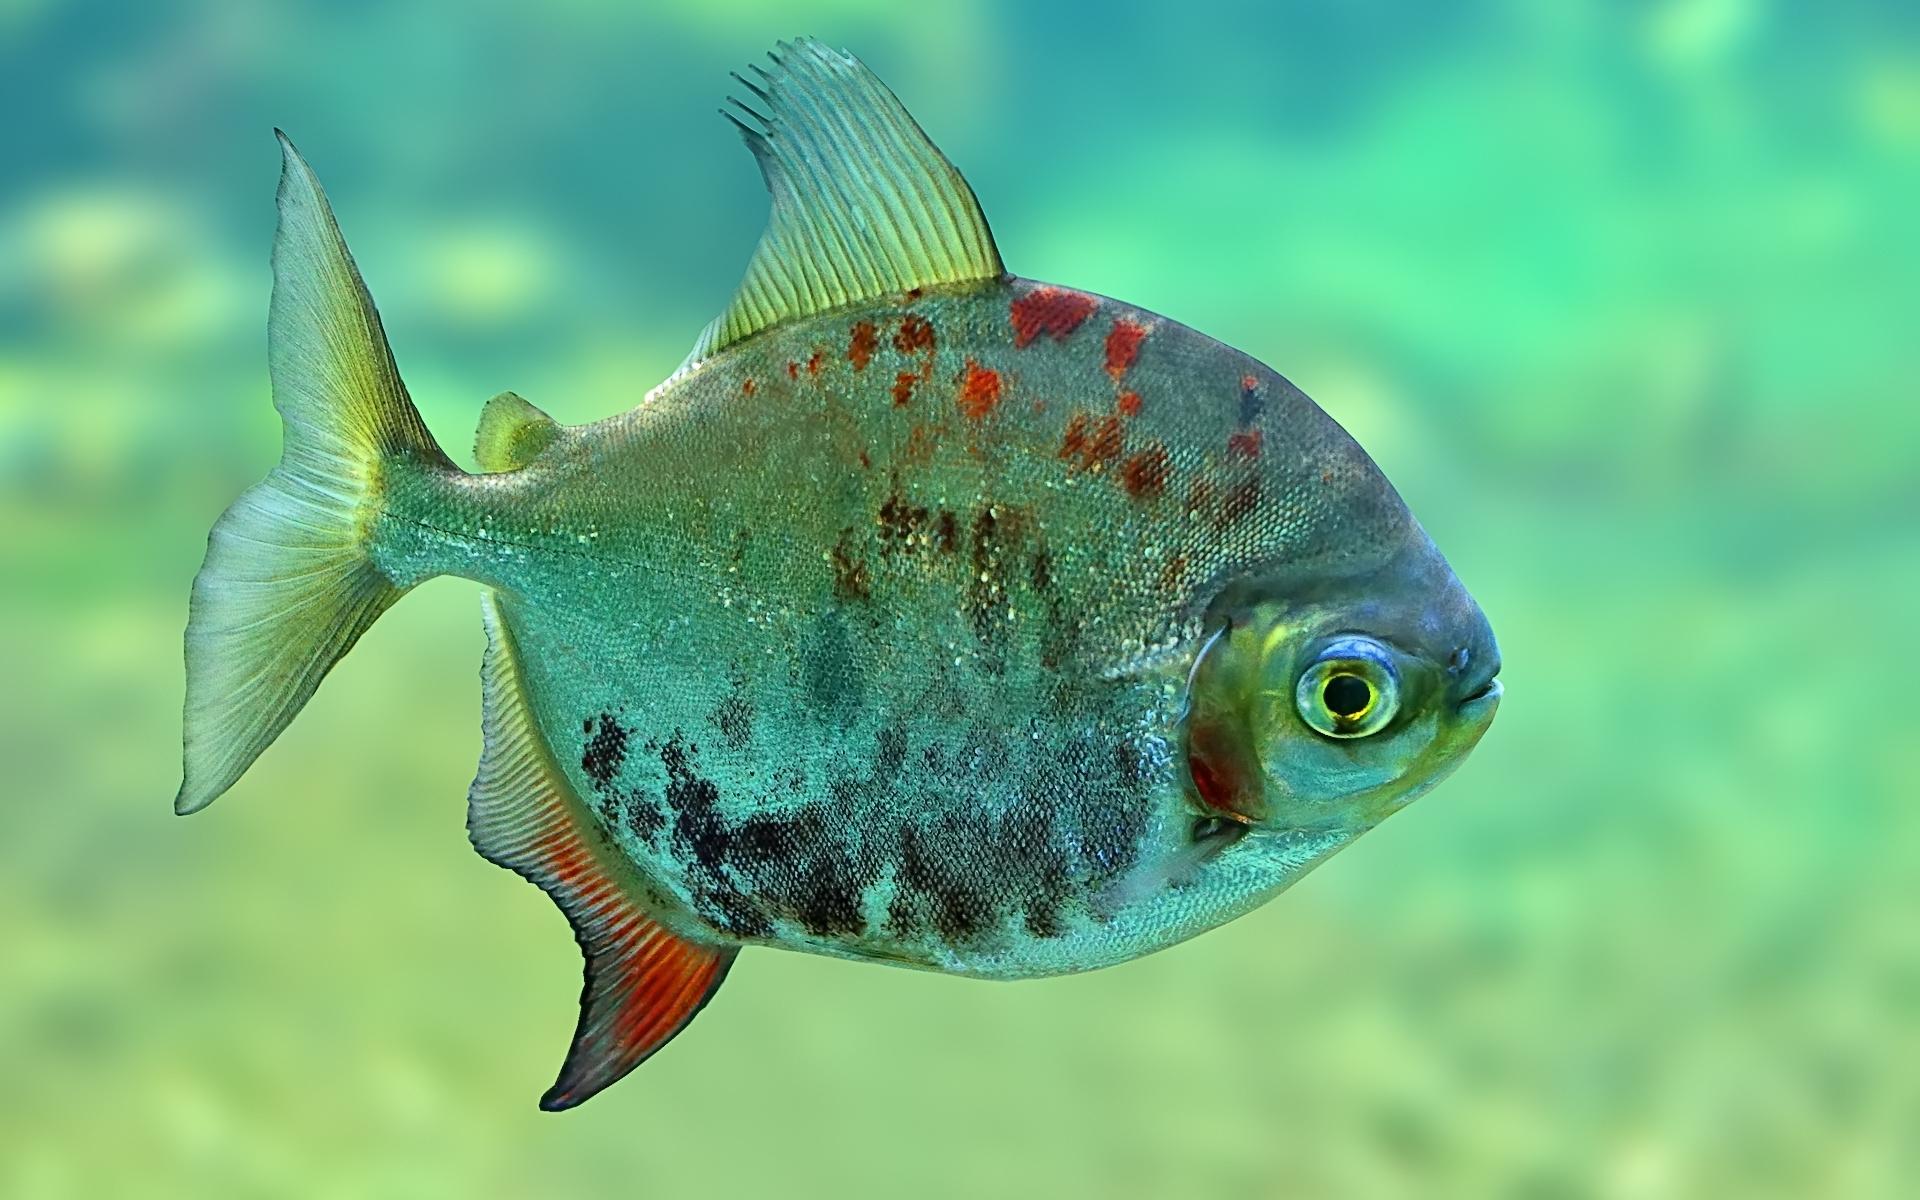 fish4u társkereső